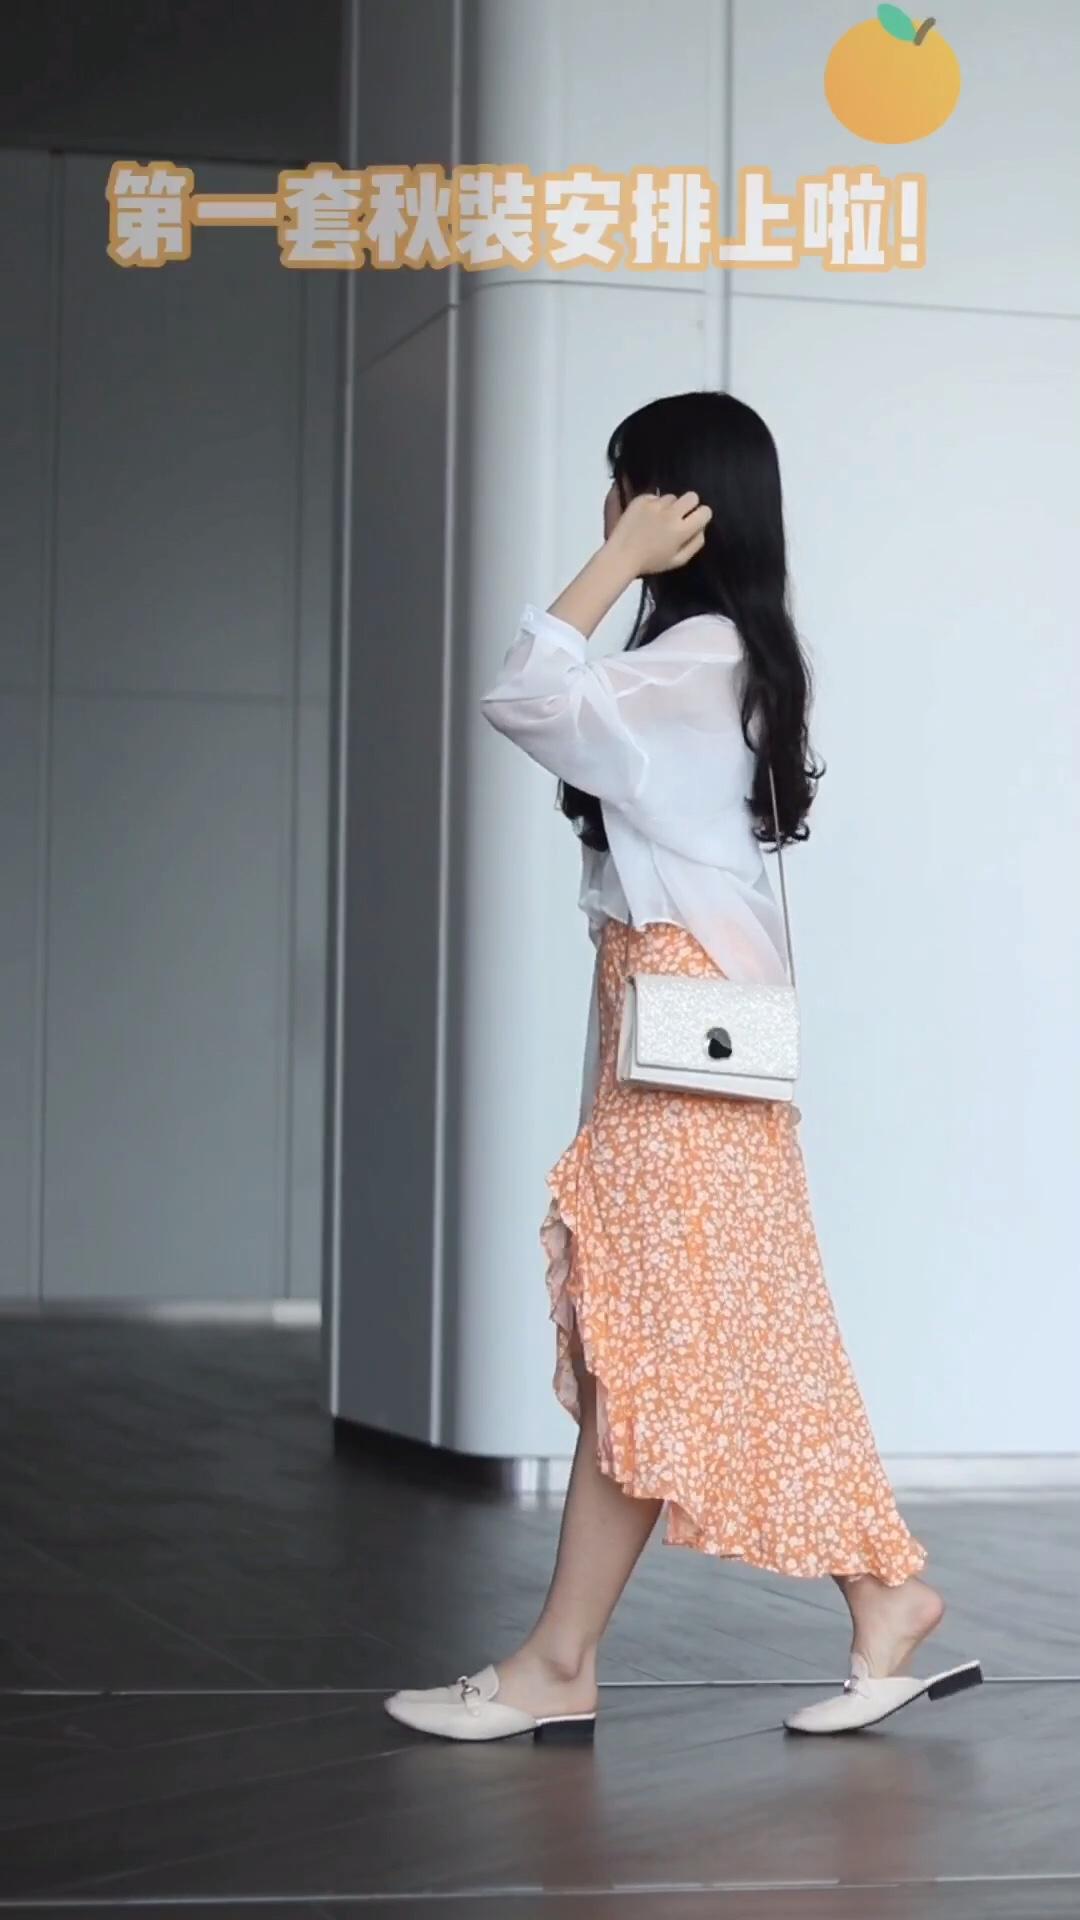 #早秋温柔风,拿去抄!# 广东的早秋  温度还蛮高的 穿长裙  小背心 再搭一件长袖开衫就好啦 早秋这样穿 很是温柔淑女哦